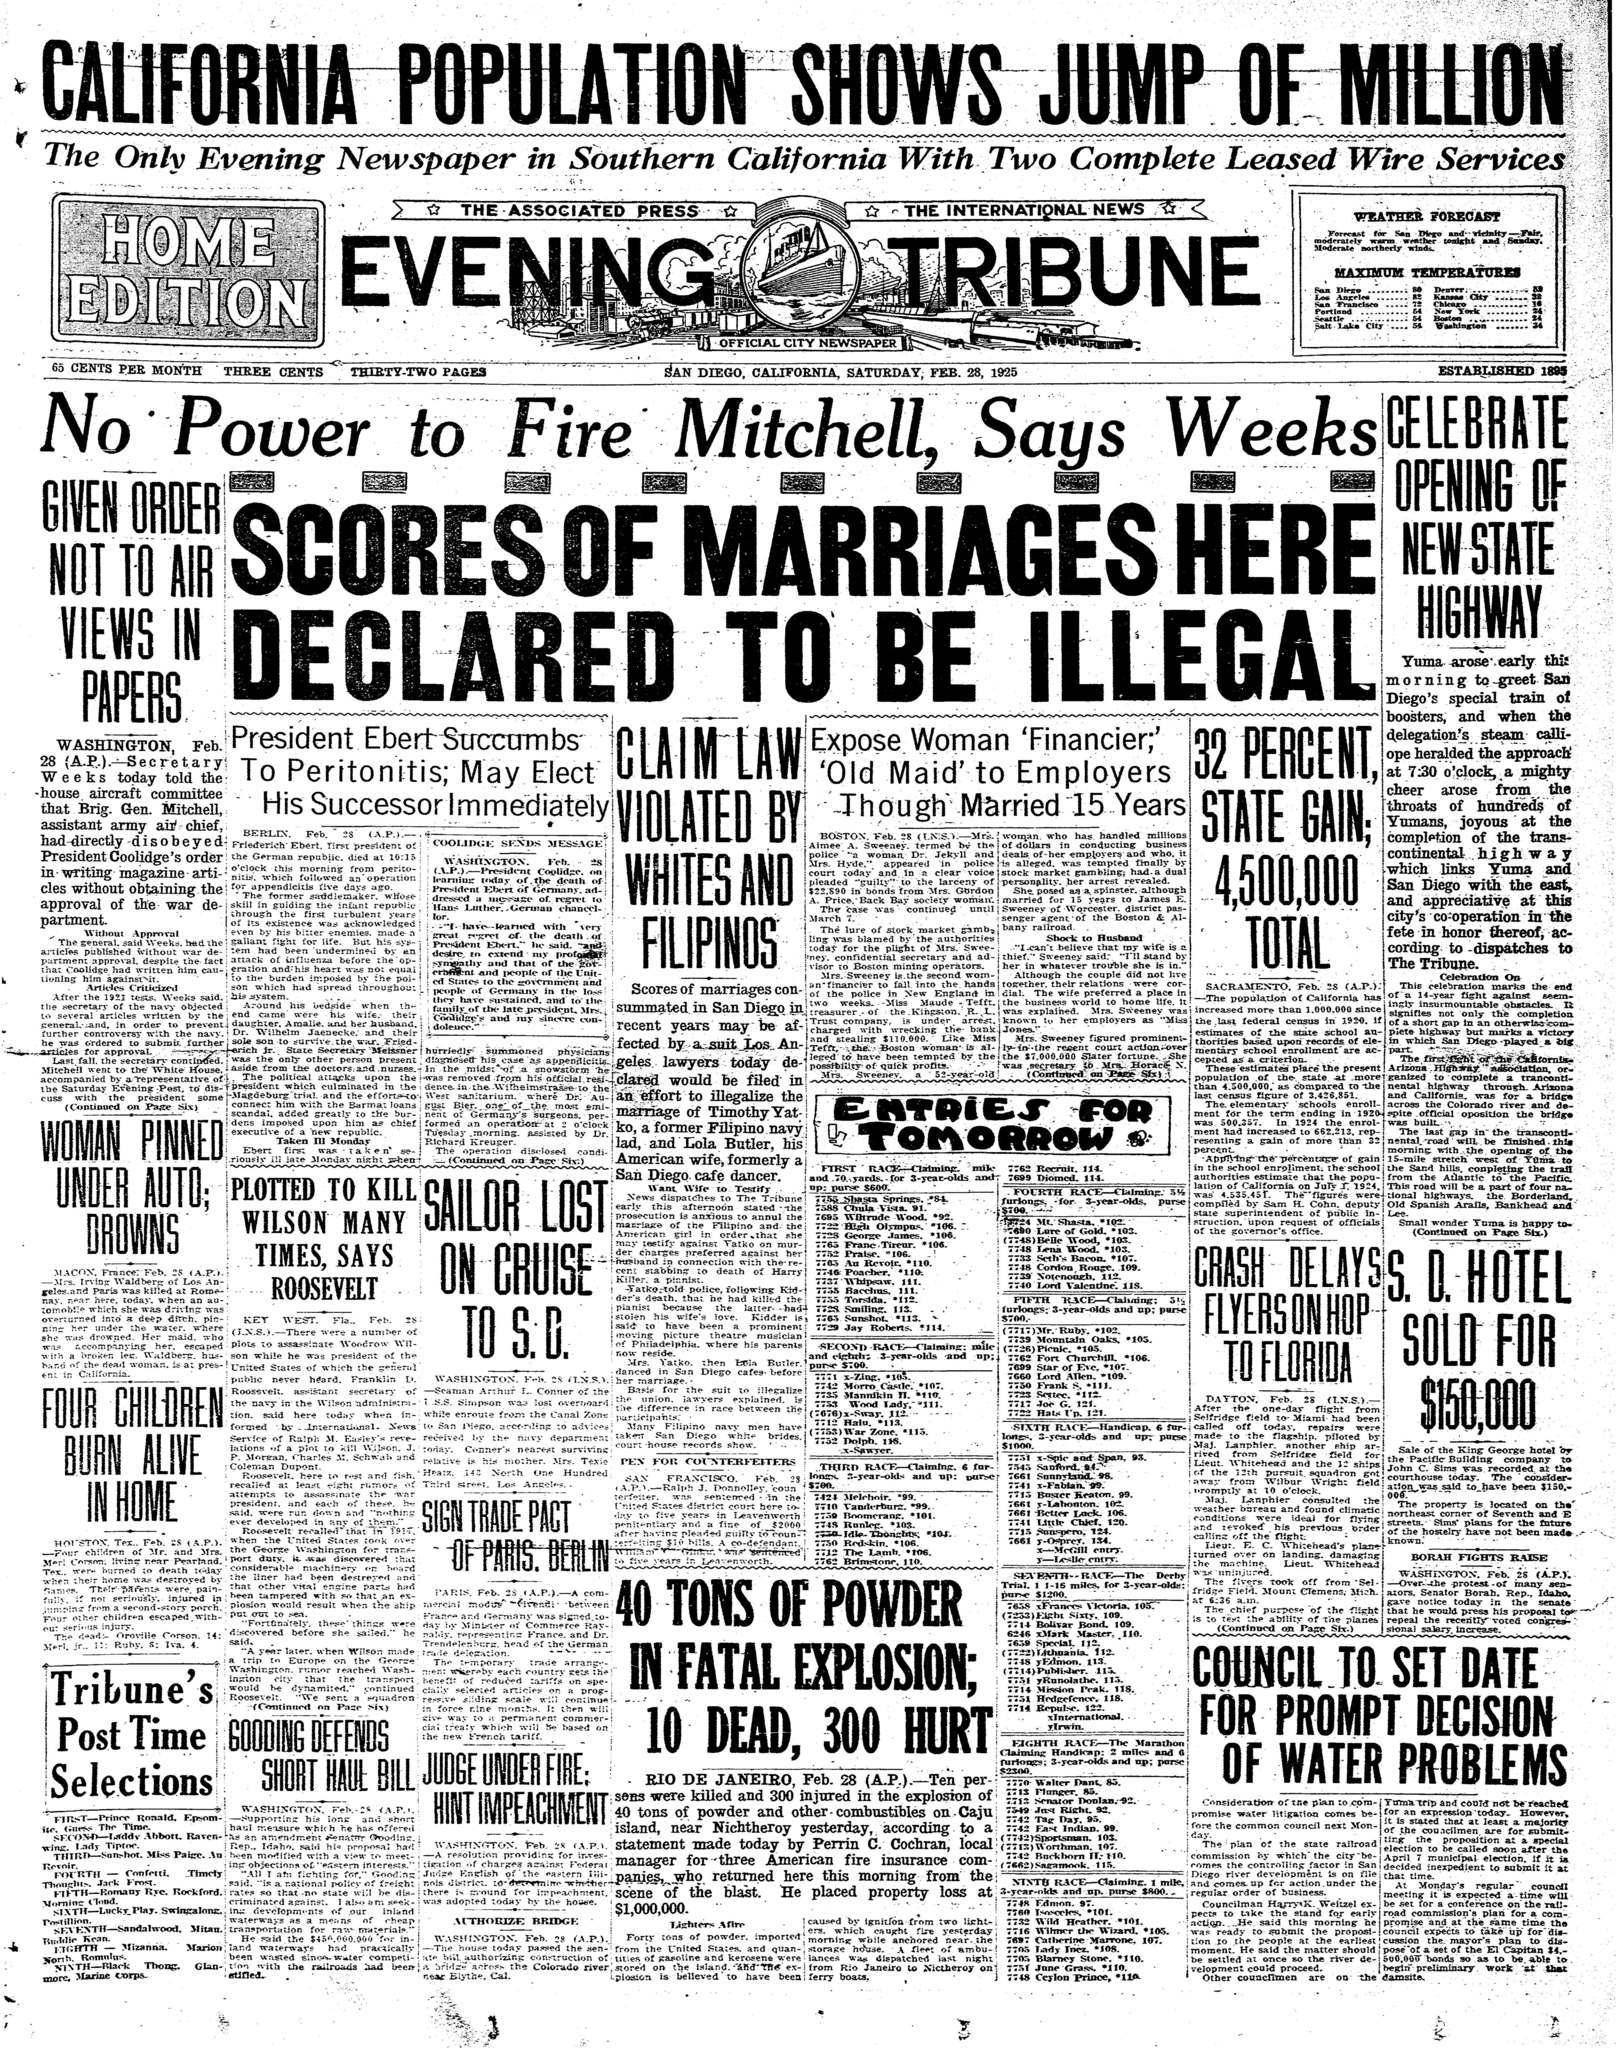 February 28, 1925